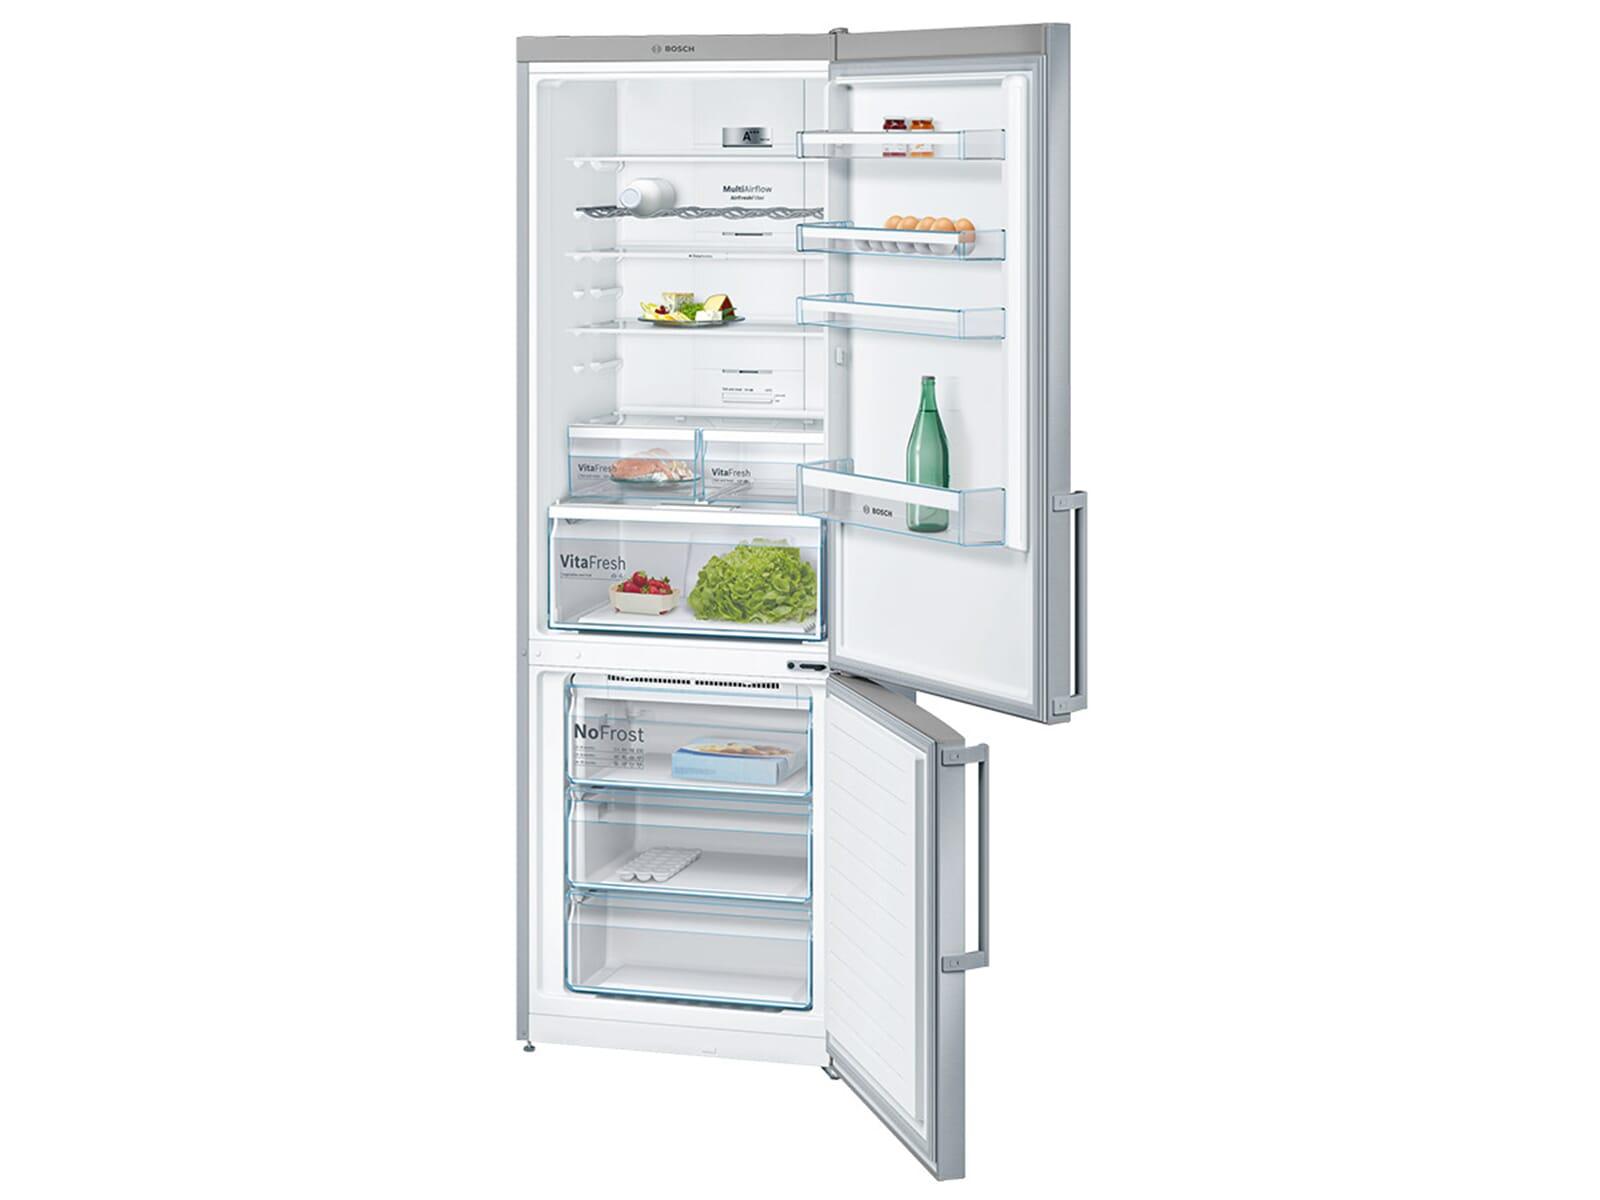 Bosch Kühlschrank Mit Eiswürfelbereiter : Side by side bosch ebay kleinanzeigen